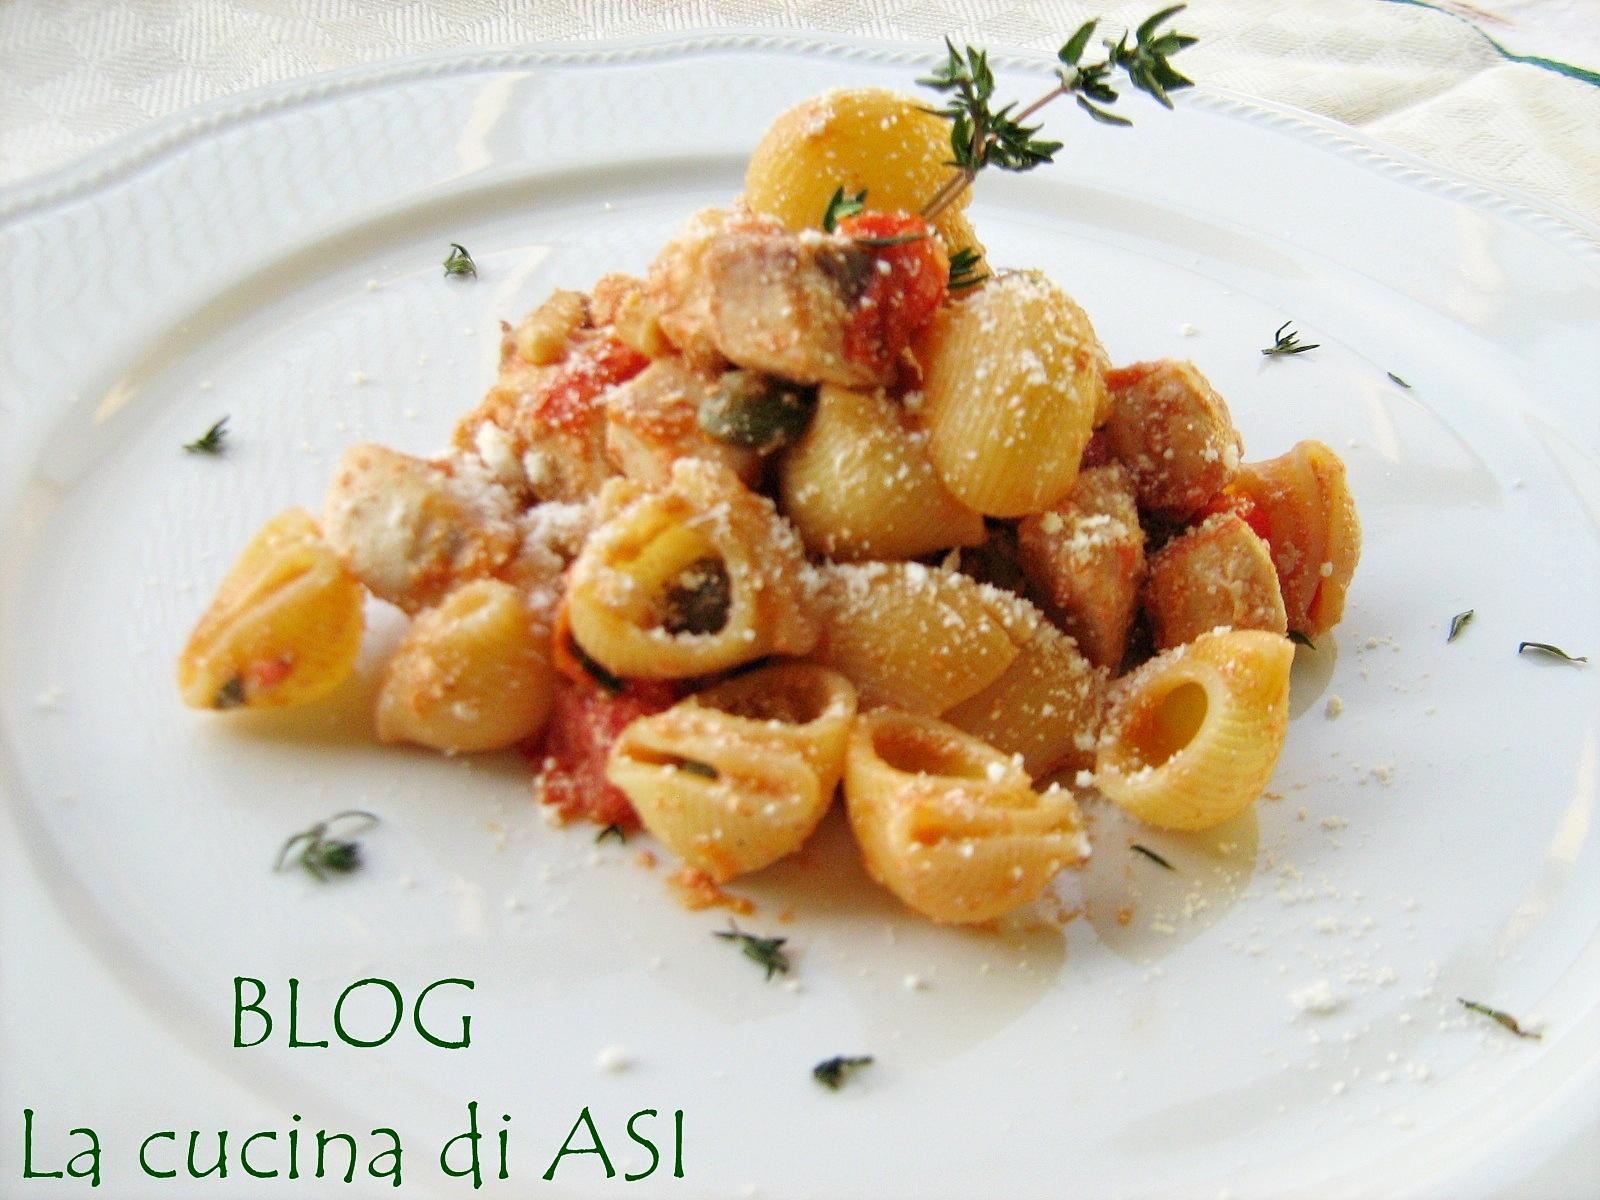 Pasta con pesce spada ricetta appetitosa con pesce for Ricette italiane veloci